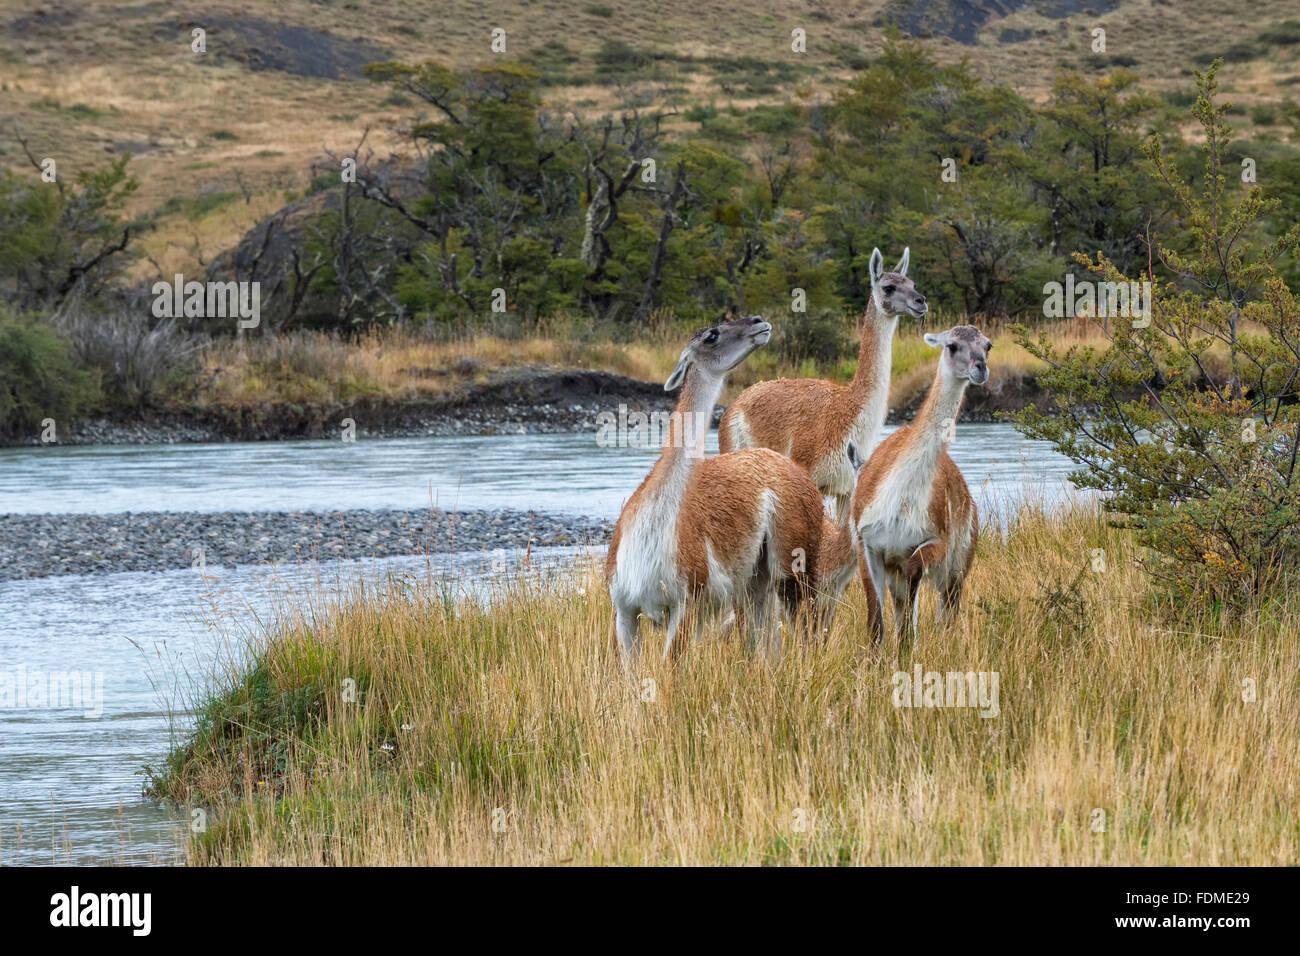 Guanacos (Lama guanicoe), Parc National Torres del Paine, Patagonie chilienne, Chili Banque D'Images